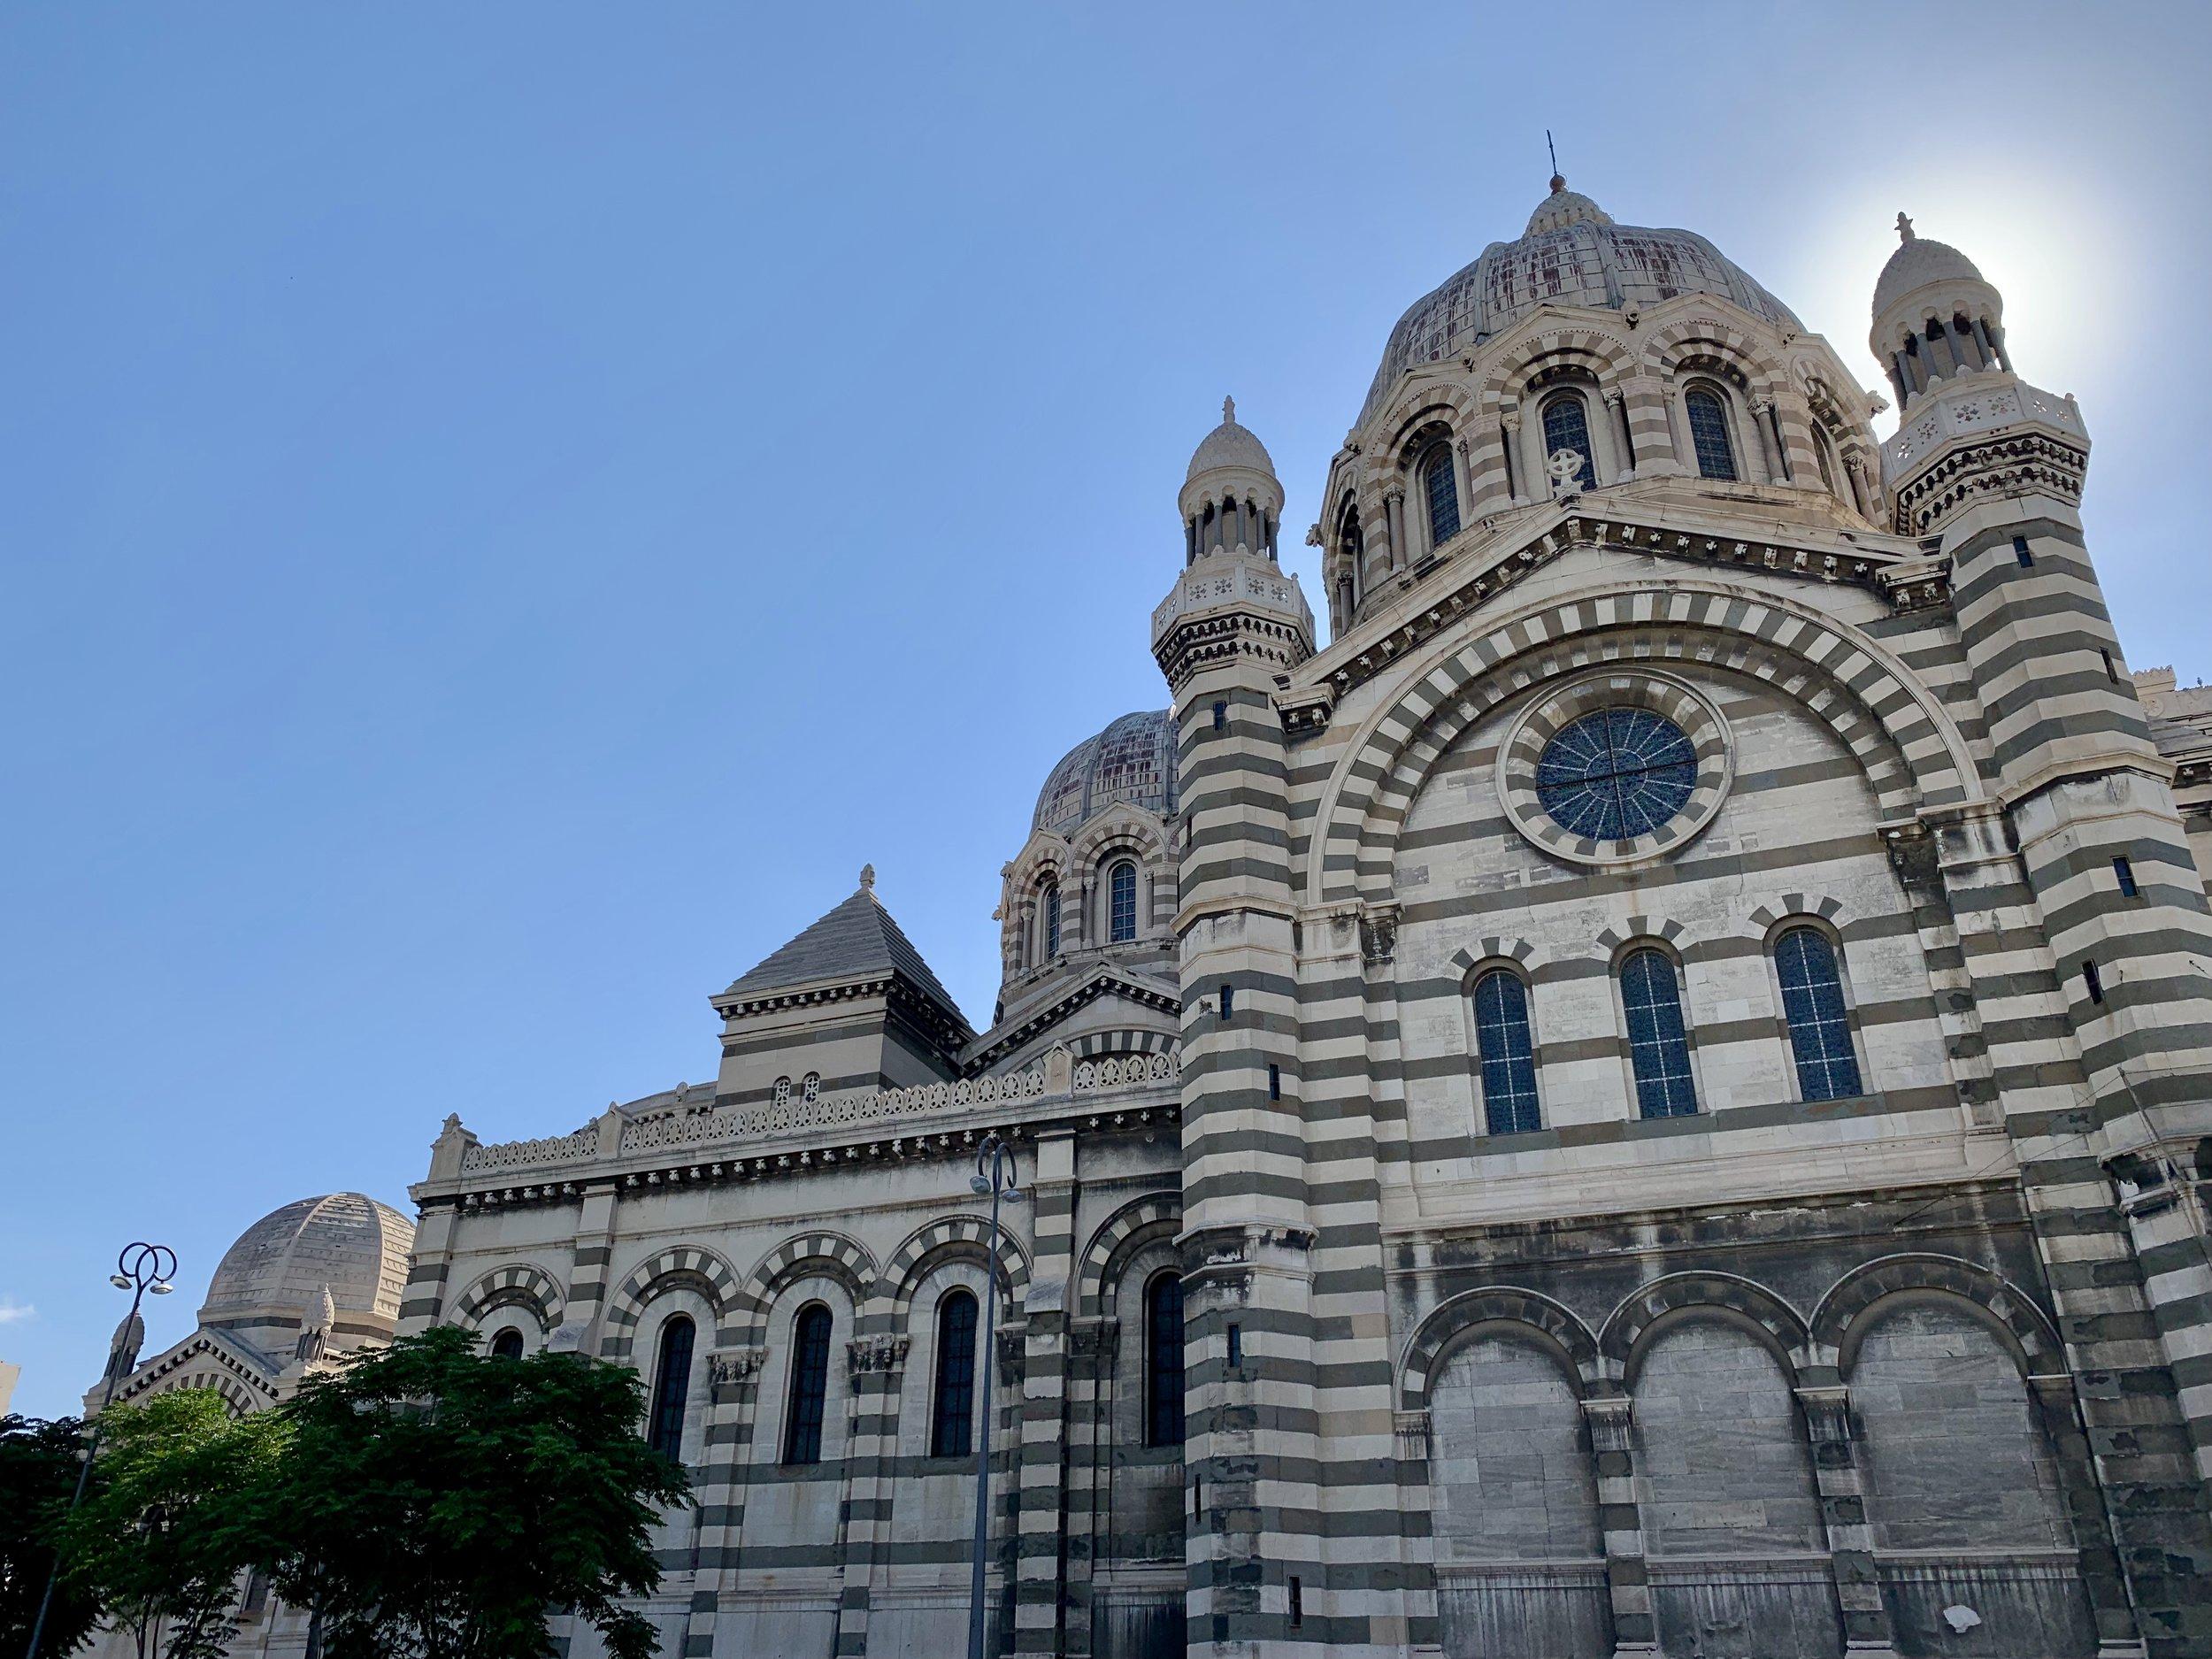 Cathedrale-de-la-Major-Marselle.jpg